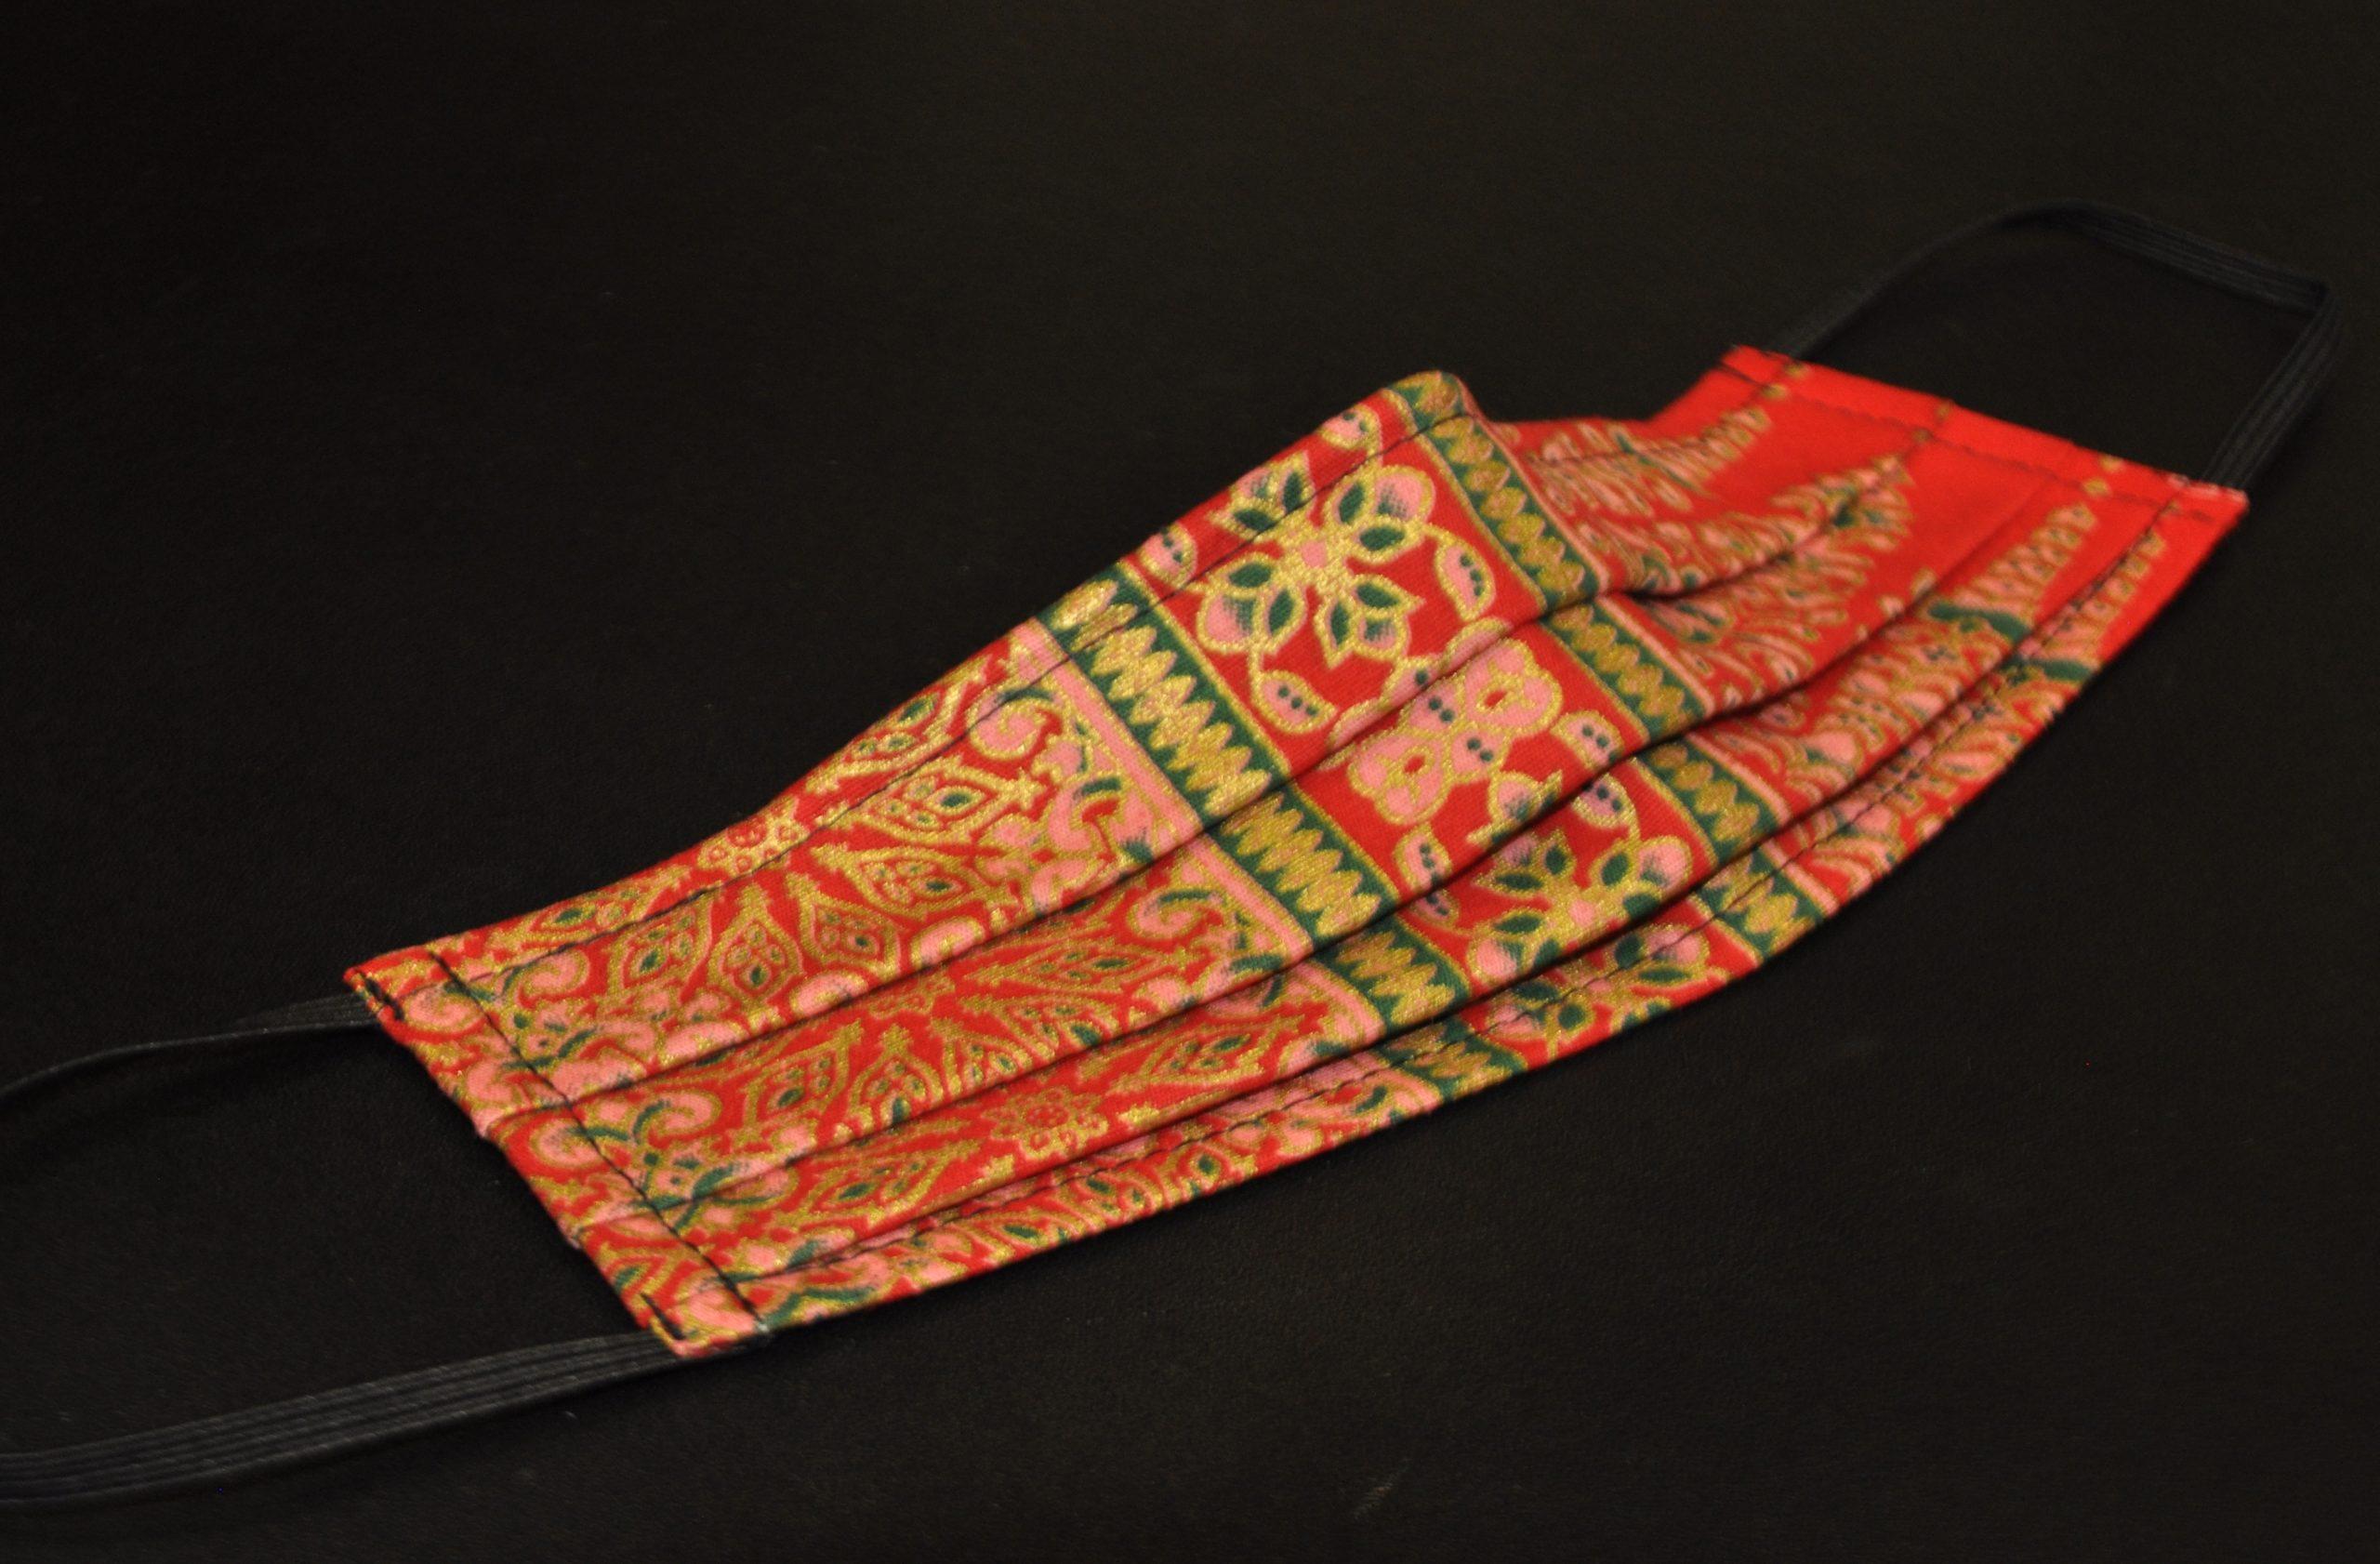 5 MNS orientalisch design 2